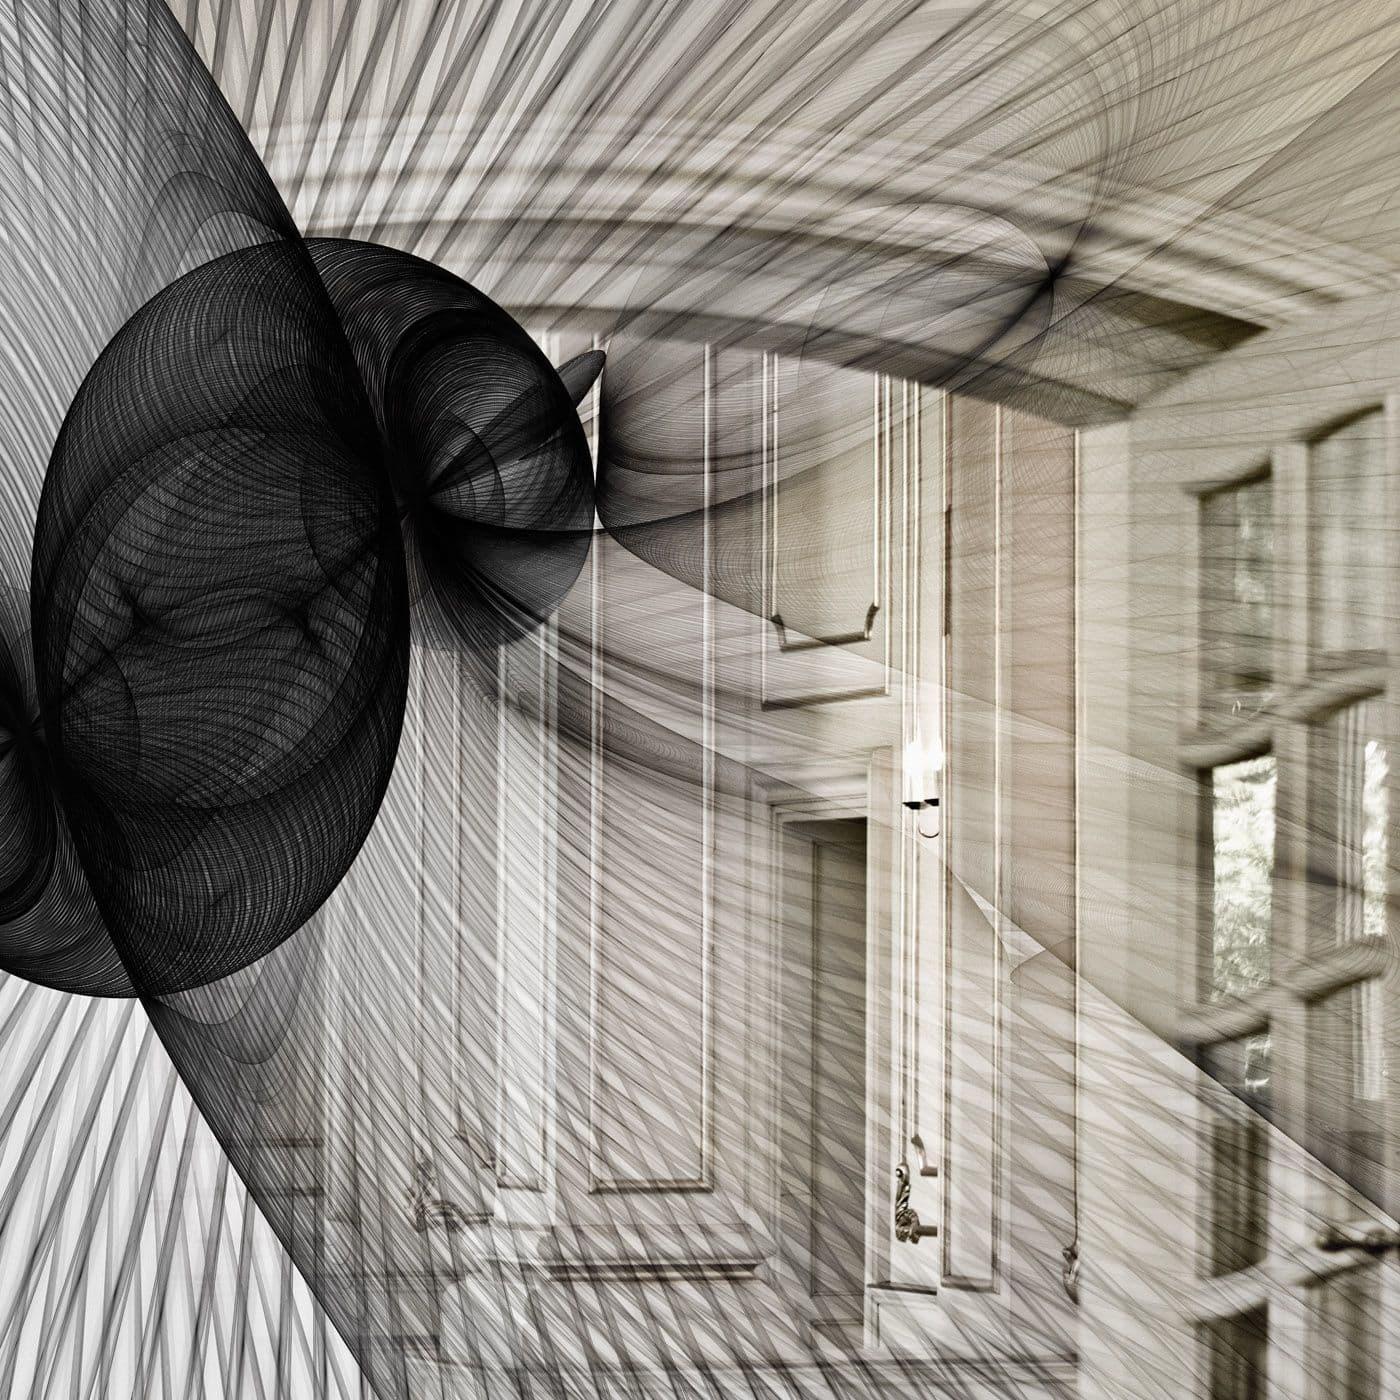 Photography by Rica Belna seen at Vienna Marriott Hotel, Wien - Rica Belna - Old World & Modern Charm